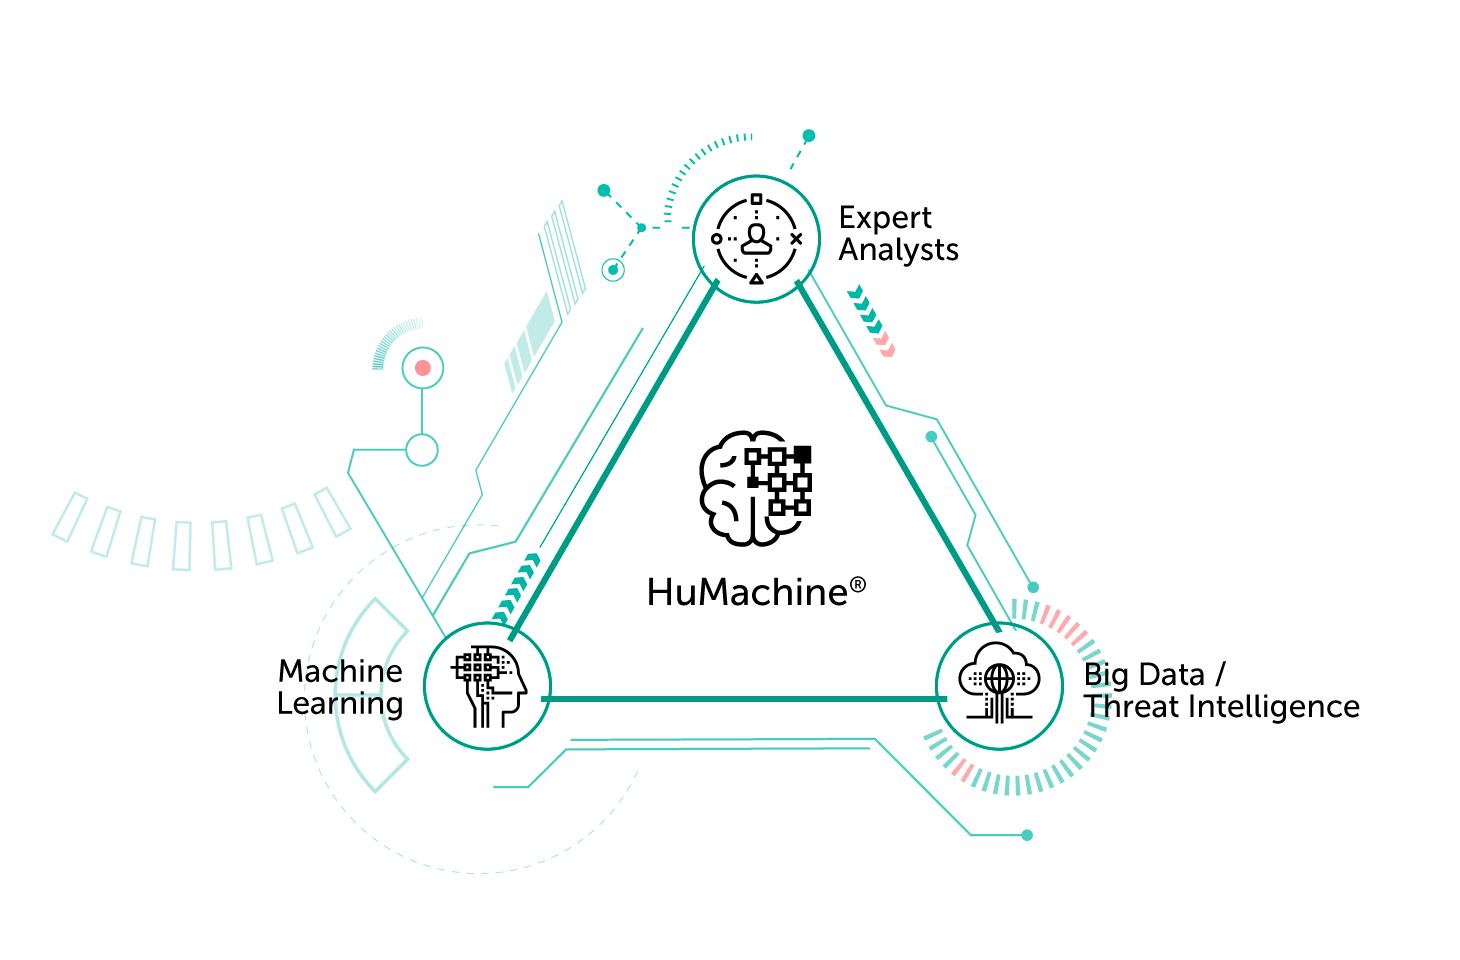 Qué es HuMachine: aprendizaje automático combinado con big data, inteligencia de amenazas y análisis experto